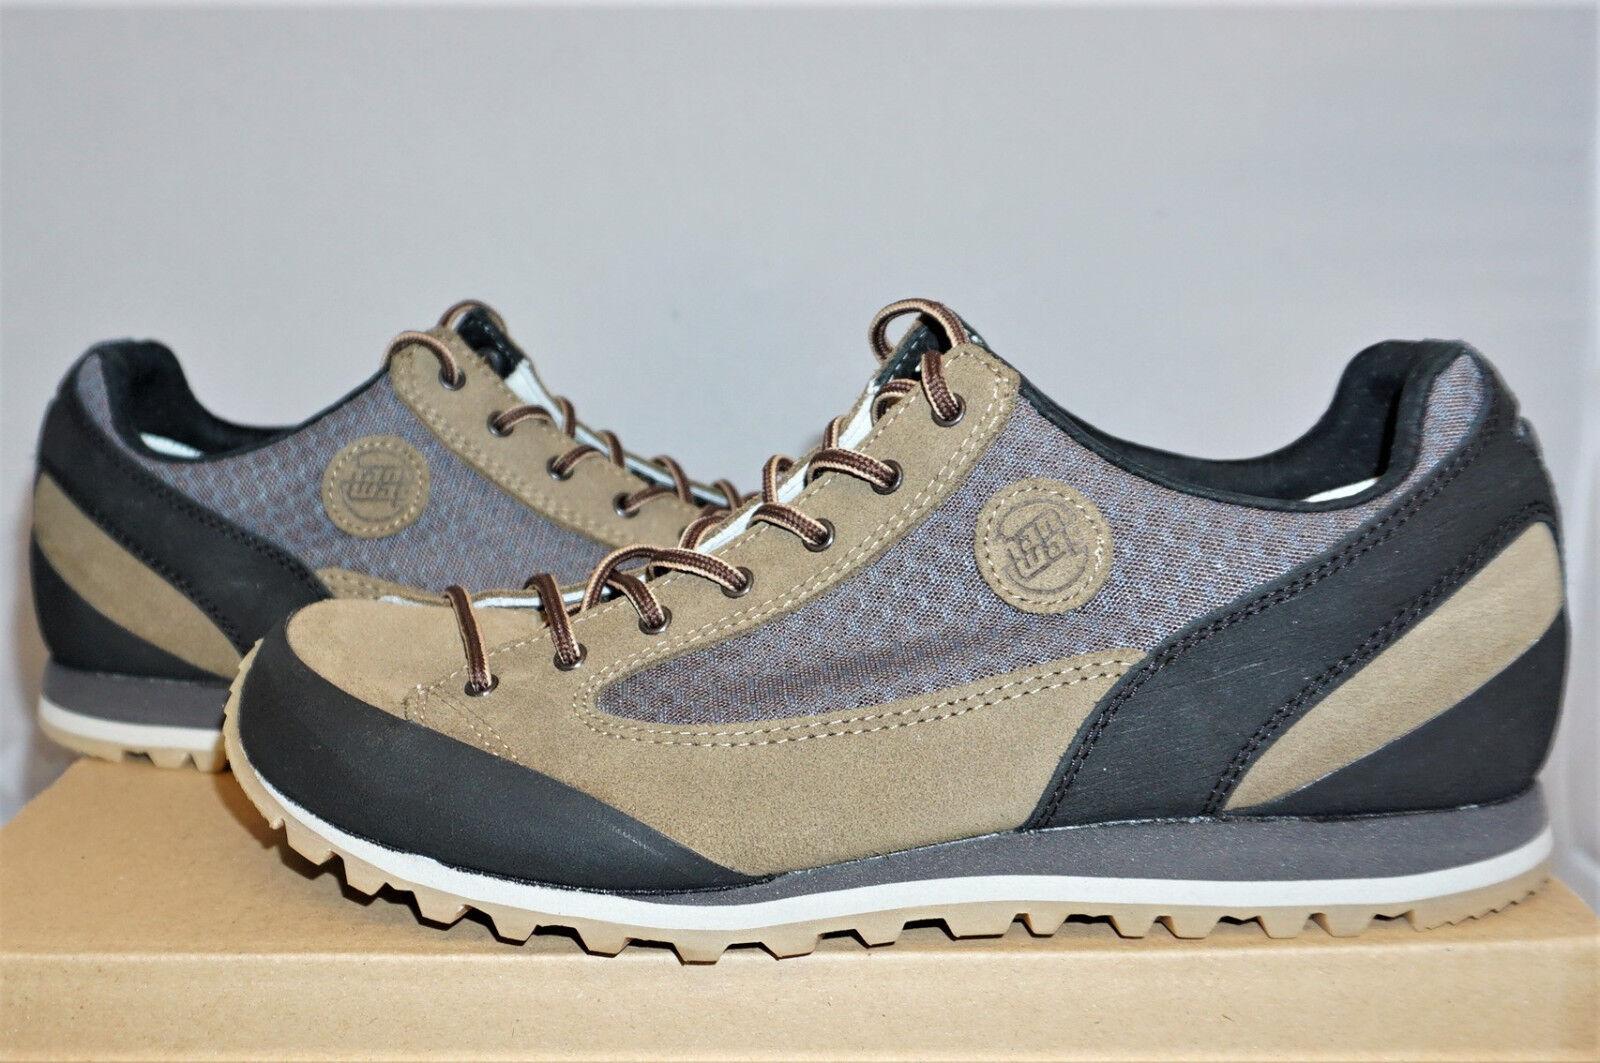 Hanwag salt Rock UE 40,5 us 8 botín de senderisml cuero montaña zapatos nuevo